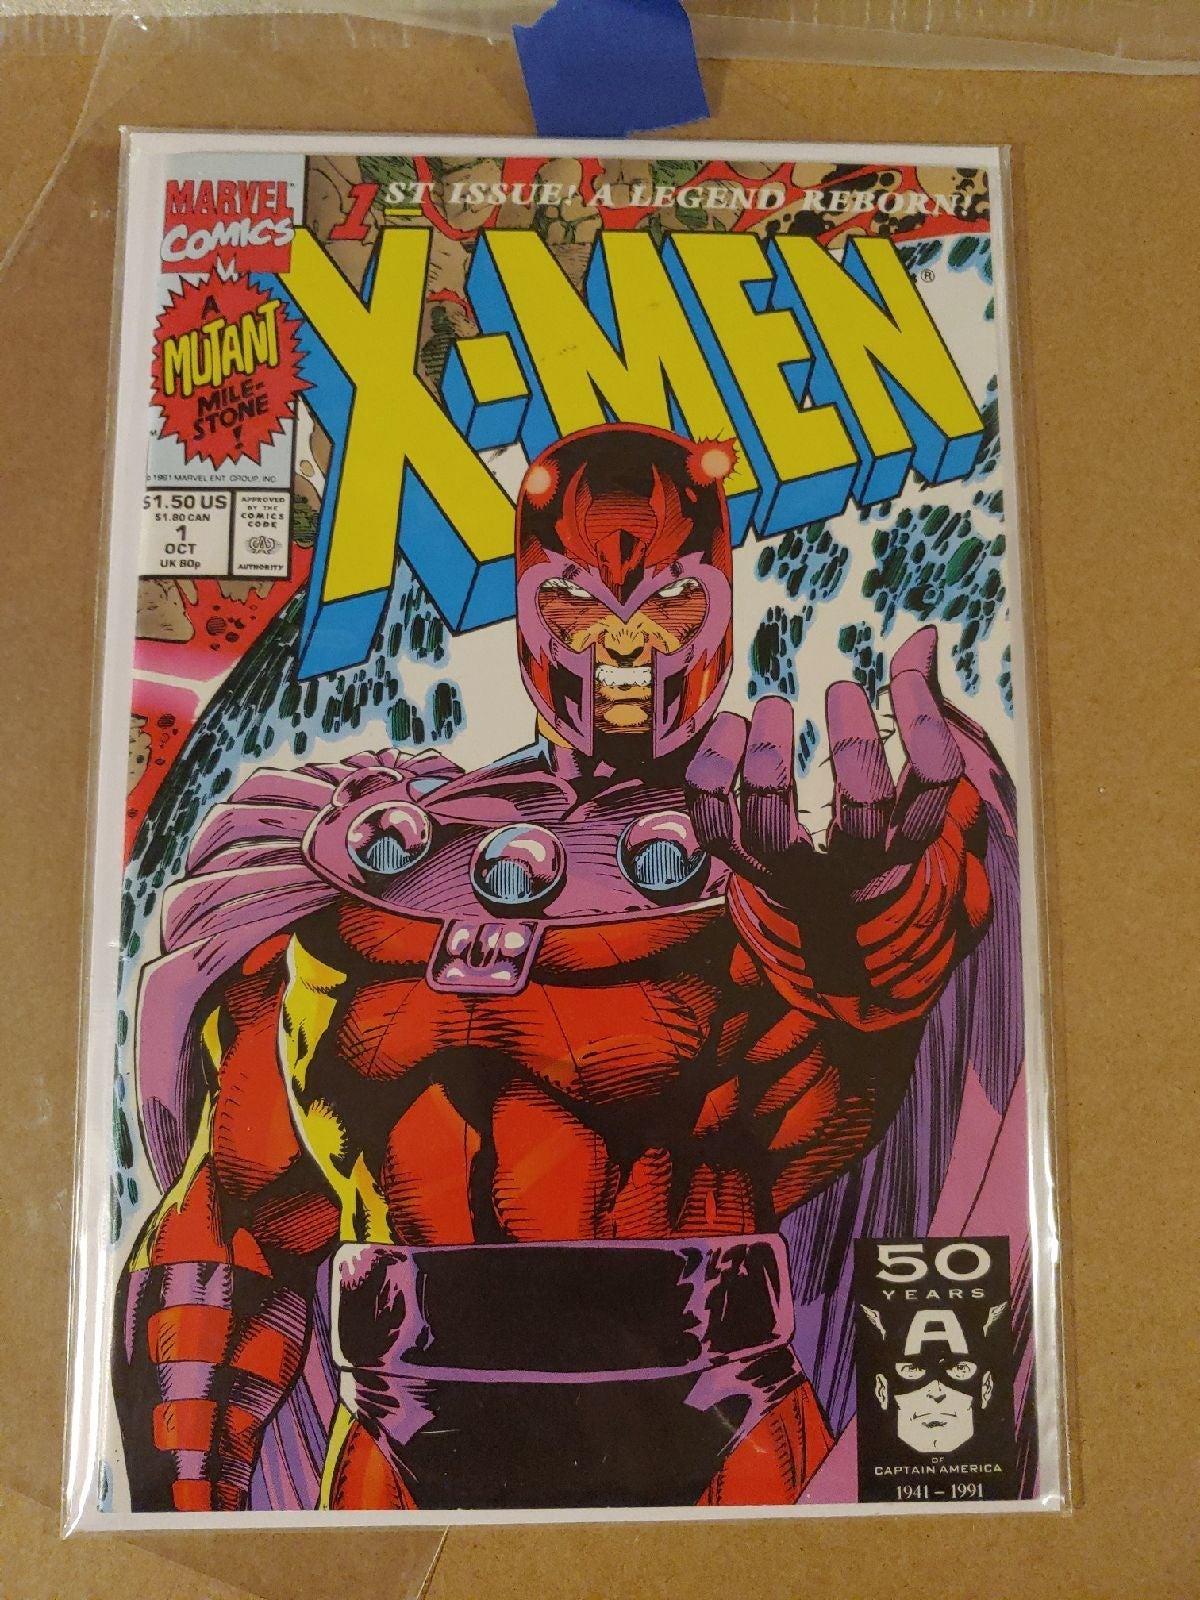 Marvel X-Men #1 Giant size. High grade f